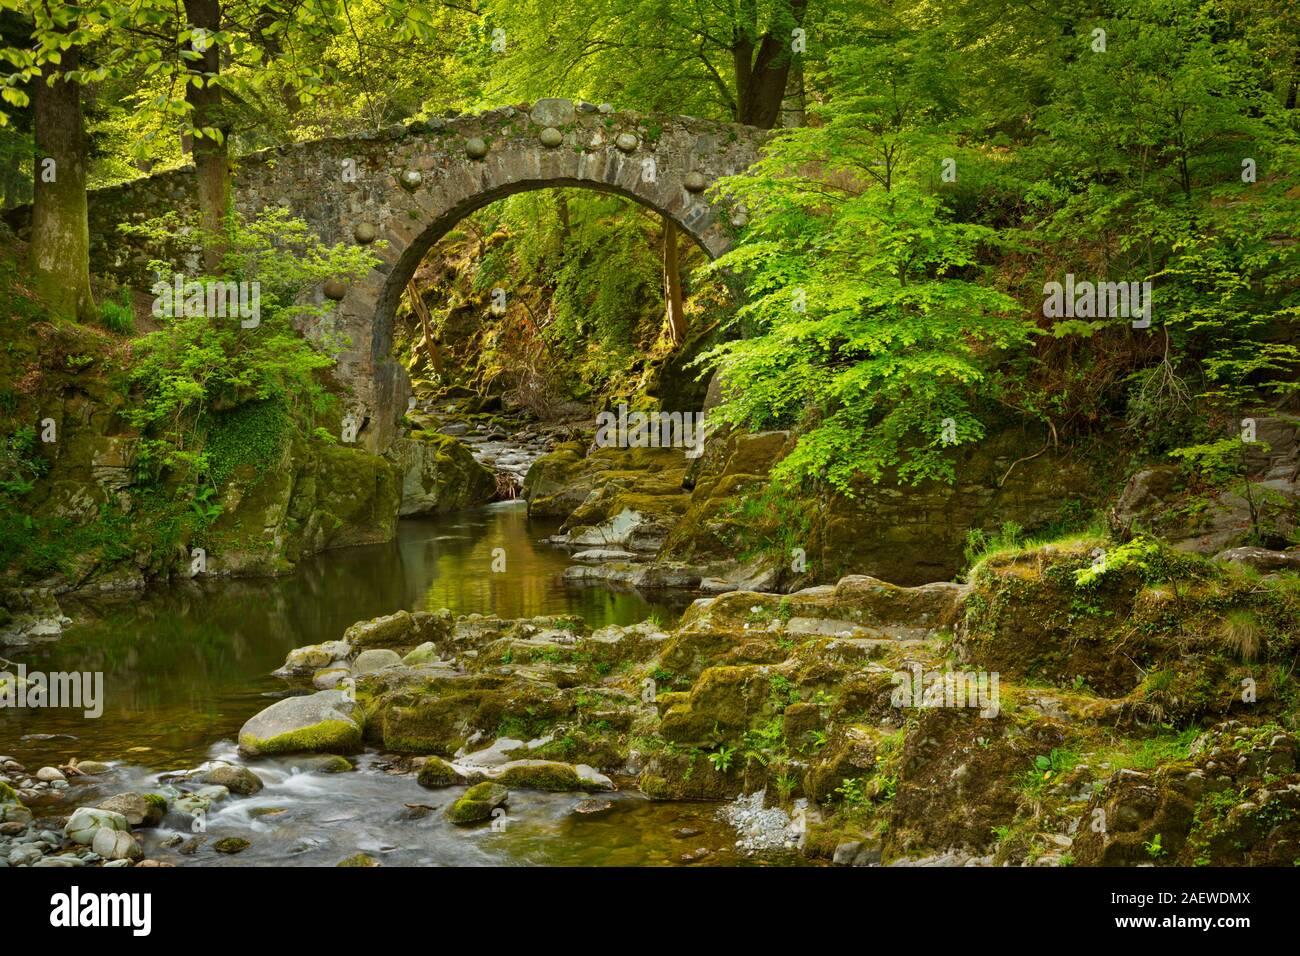 Foleys Brücke über den Shimna River in Tollymore Waldpark, Nordirland. Stockfoto